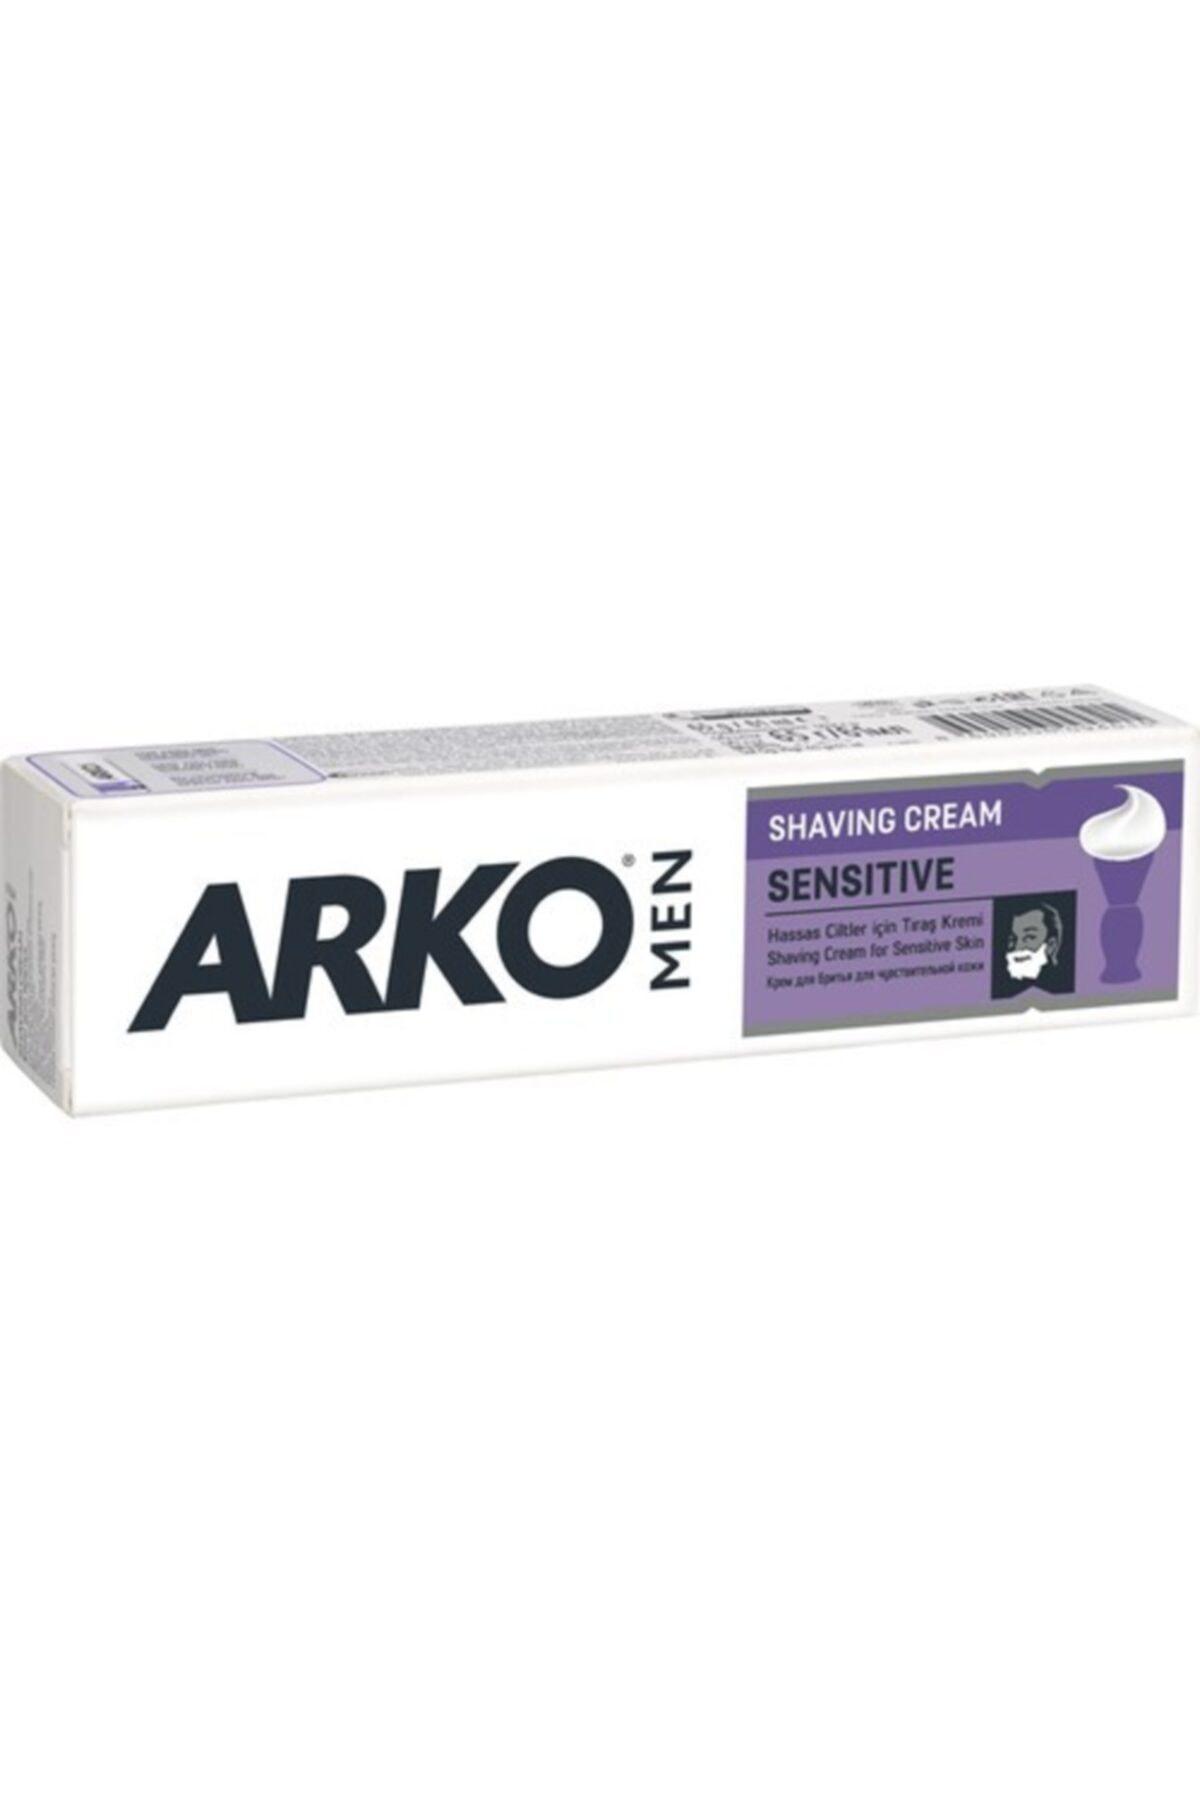 ARKO Tıraş Kremi Sensitive 100 ml Hassas Ciltler İçin 1